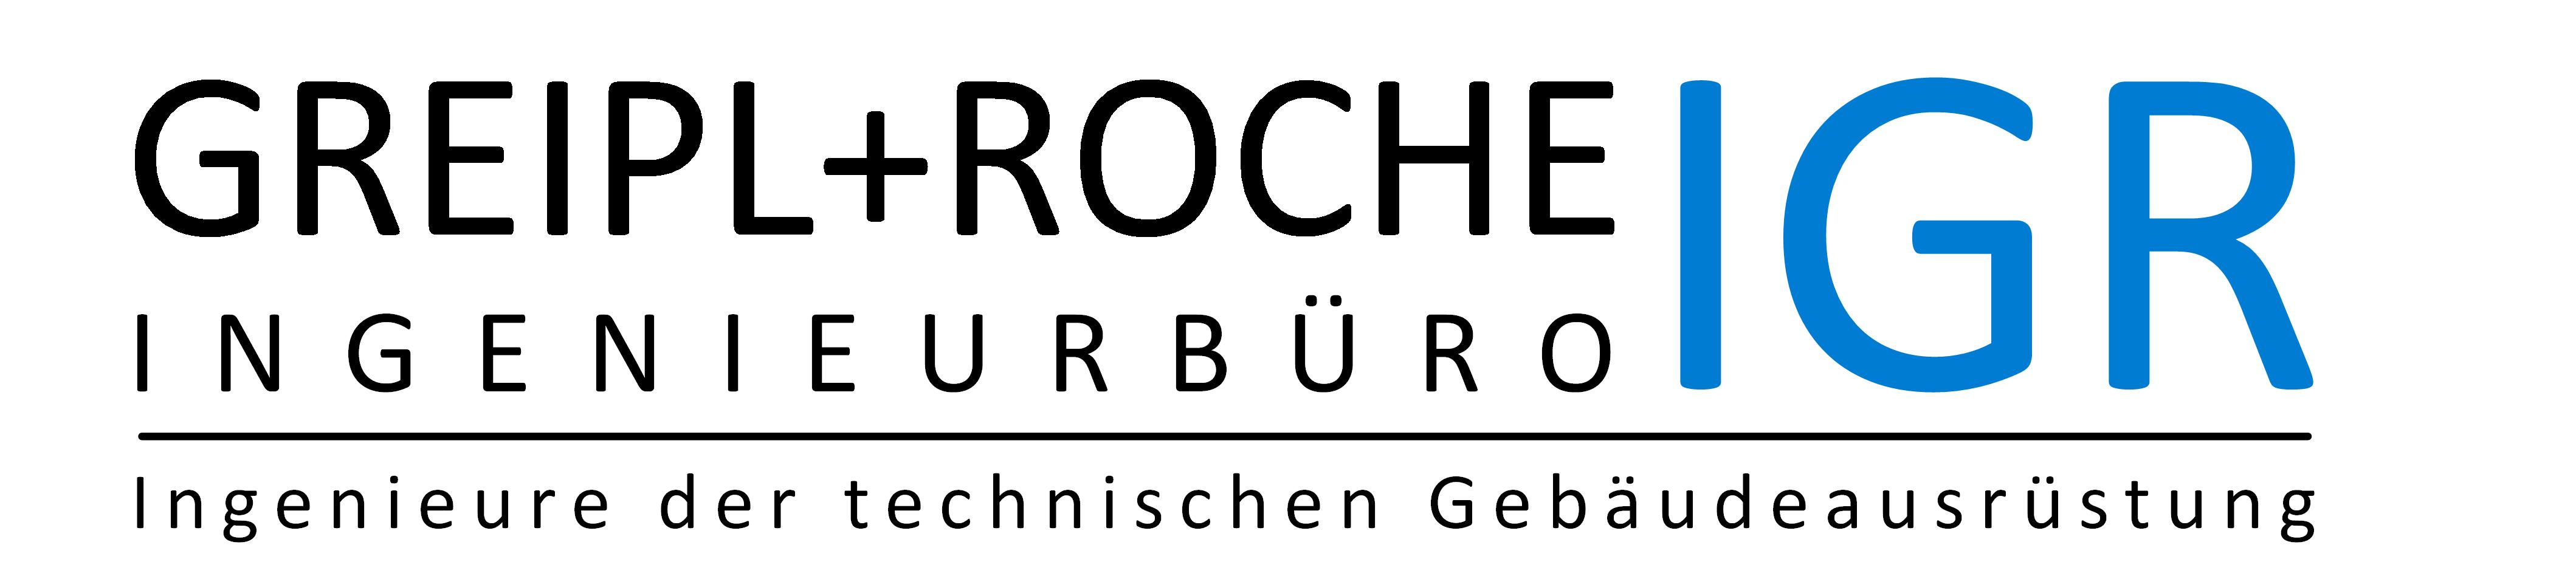 Ingenieurgesellschaft GREIPL+ROCHE IGR